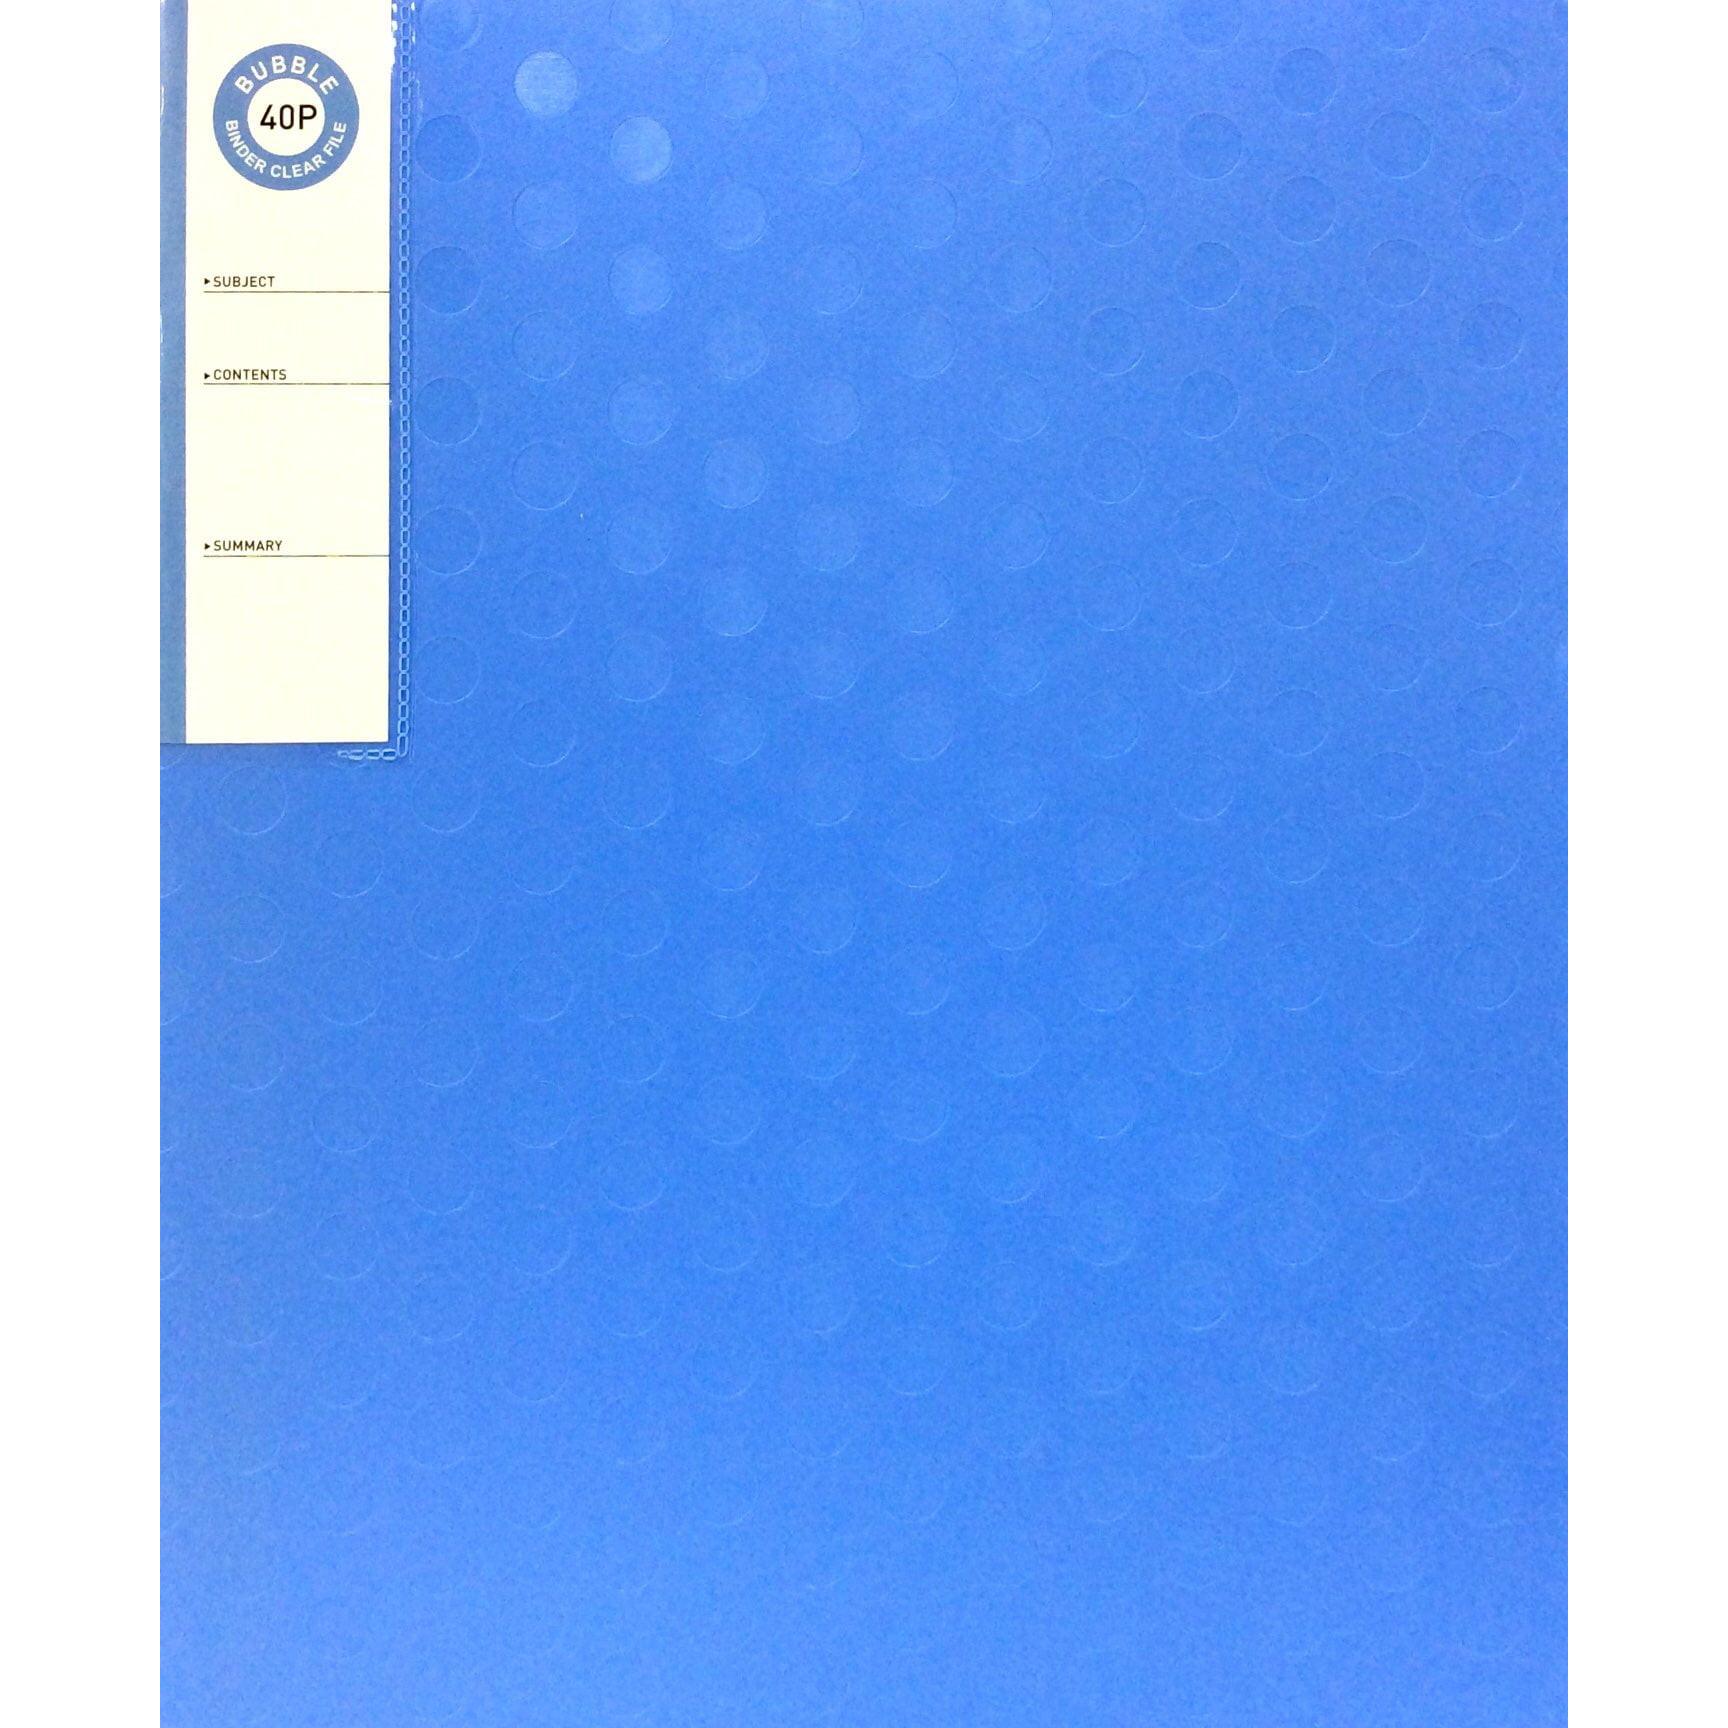 MGL_Bìa Lá 68523_5500 Buble Binder C/F 40P(Blue)